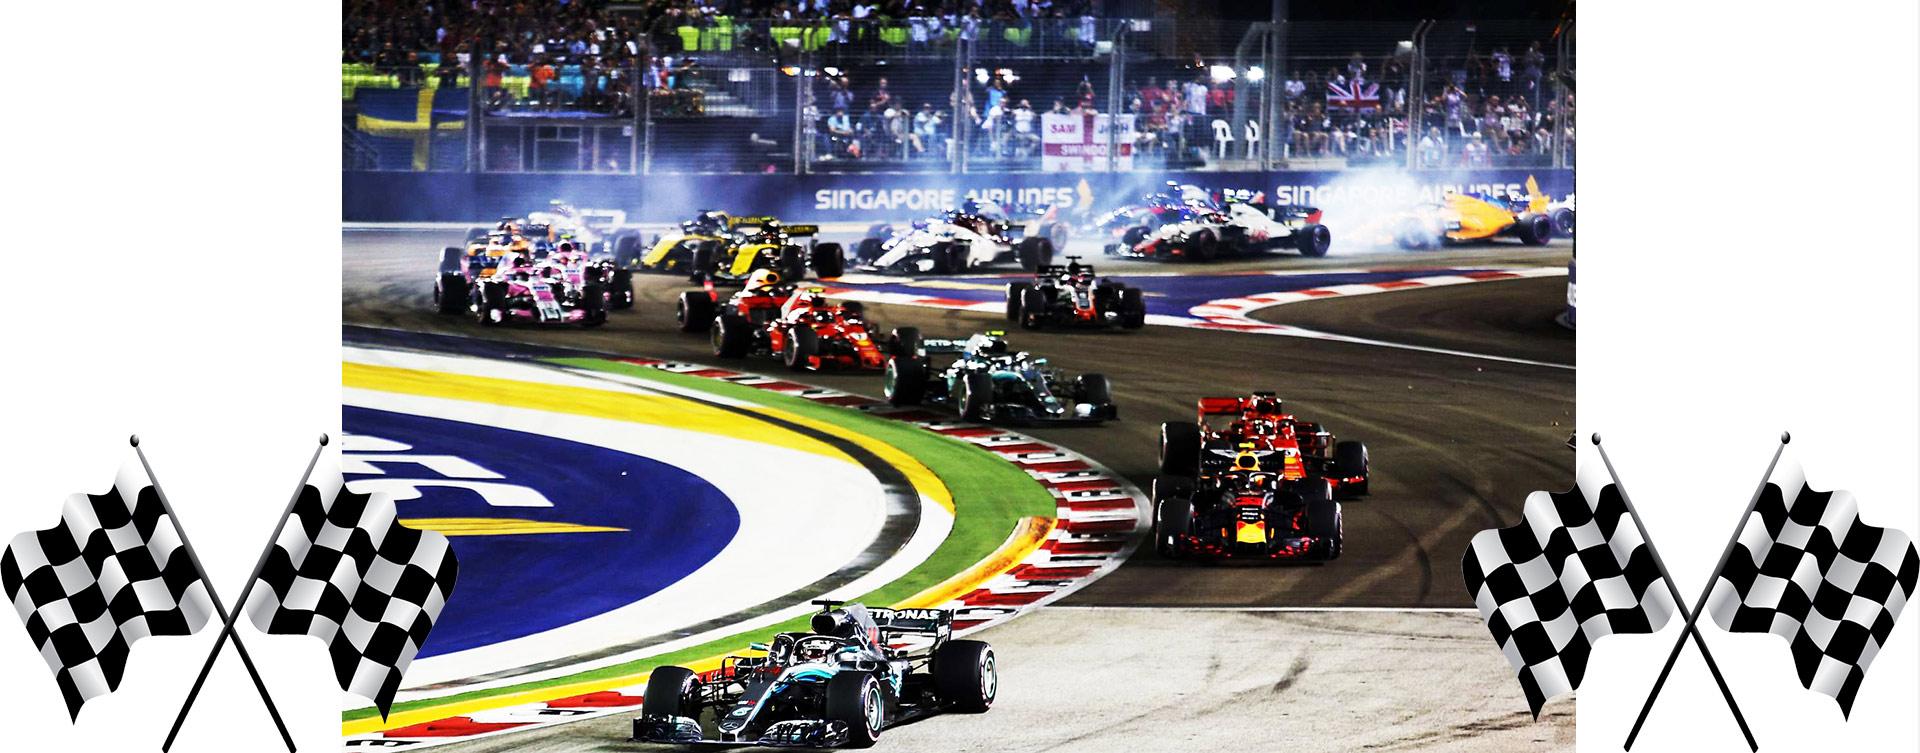 Việt Nam đăng cai F1: Cú hích lịch sử và giấc mơ sắp thành sự thực - 6